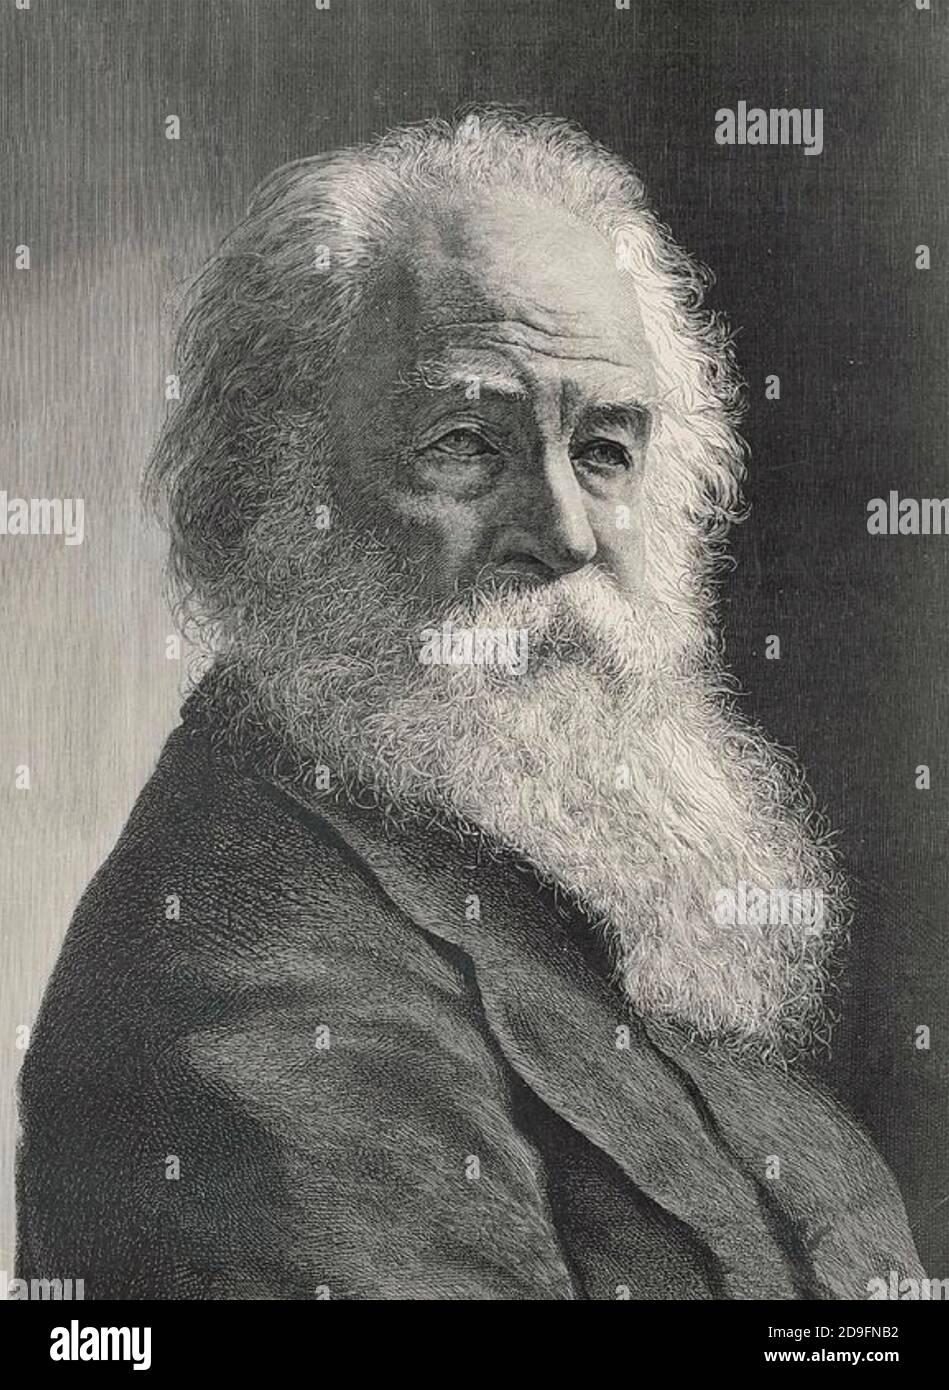 WALT WHITMAN (1819-1892) poète et essayiste américain vers 1887 Banque D'Images